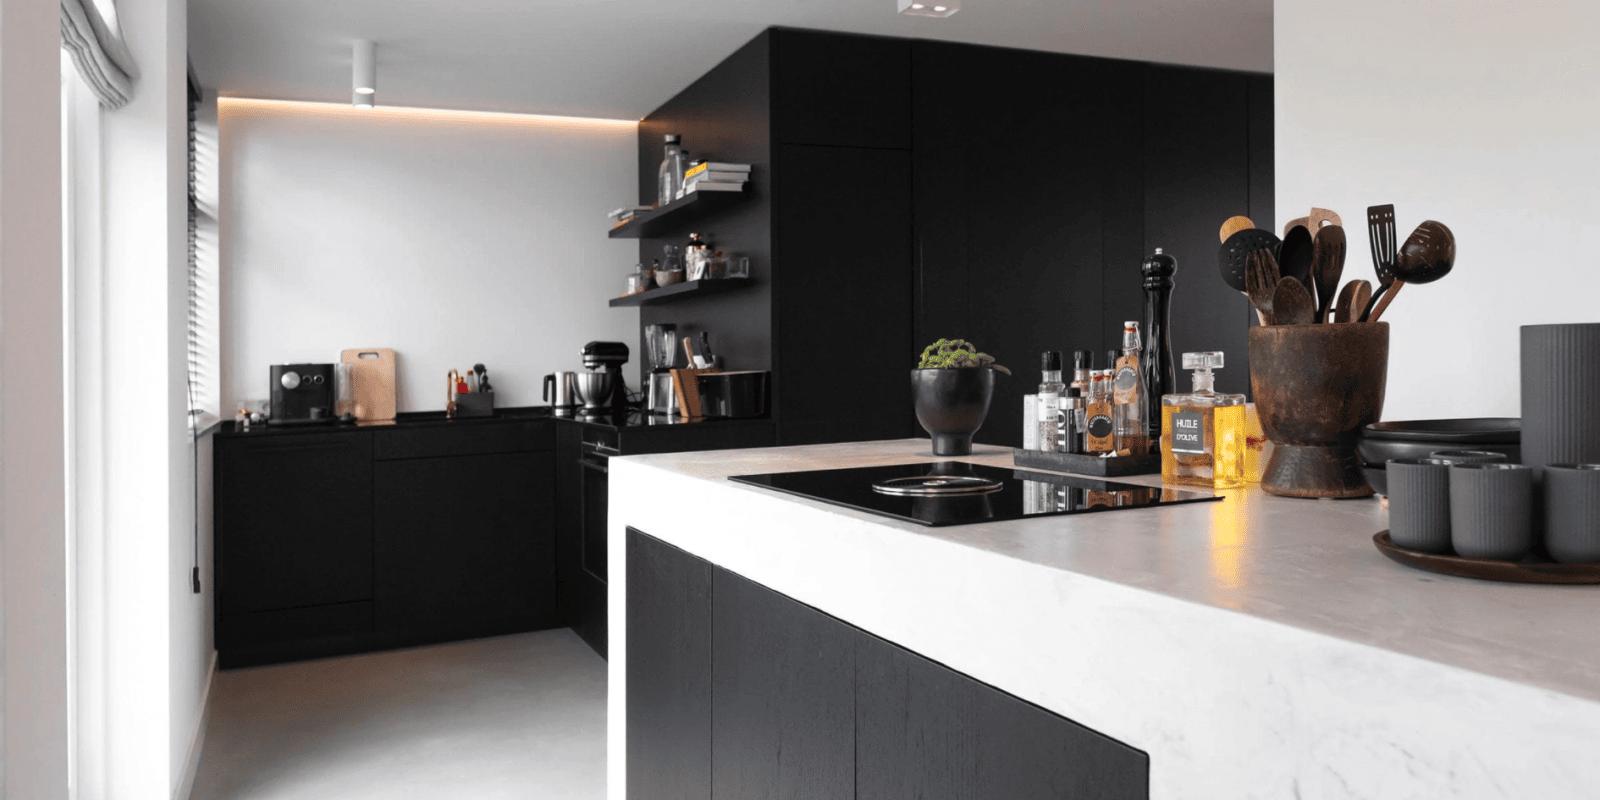 Keuken Op Maat Door Atelier 19 Berkel en Rodenrijs